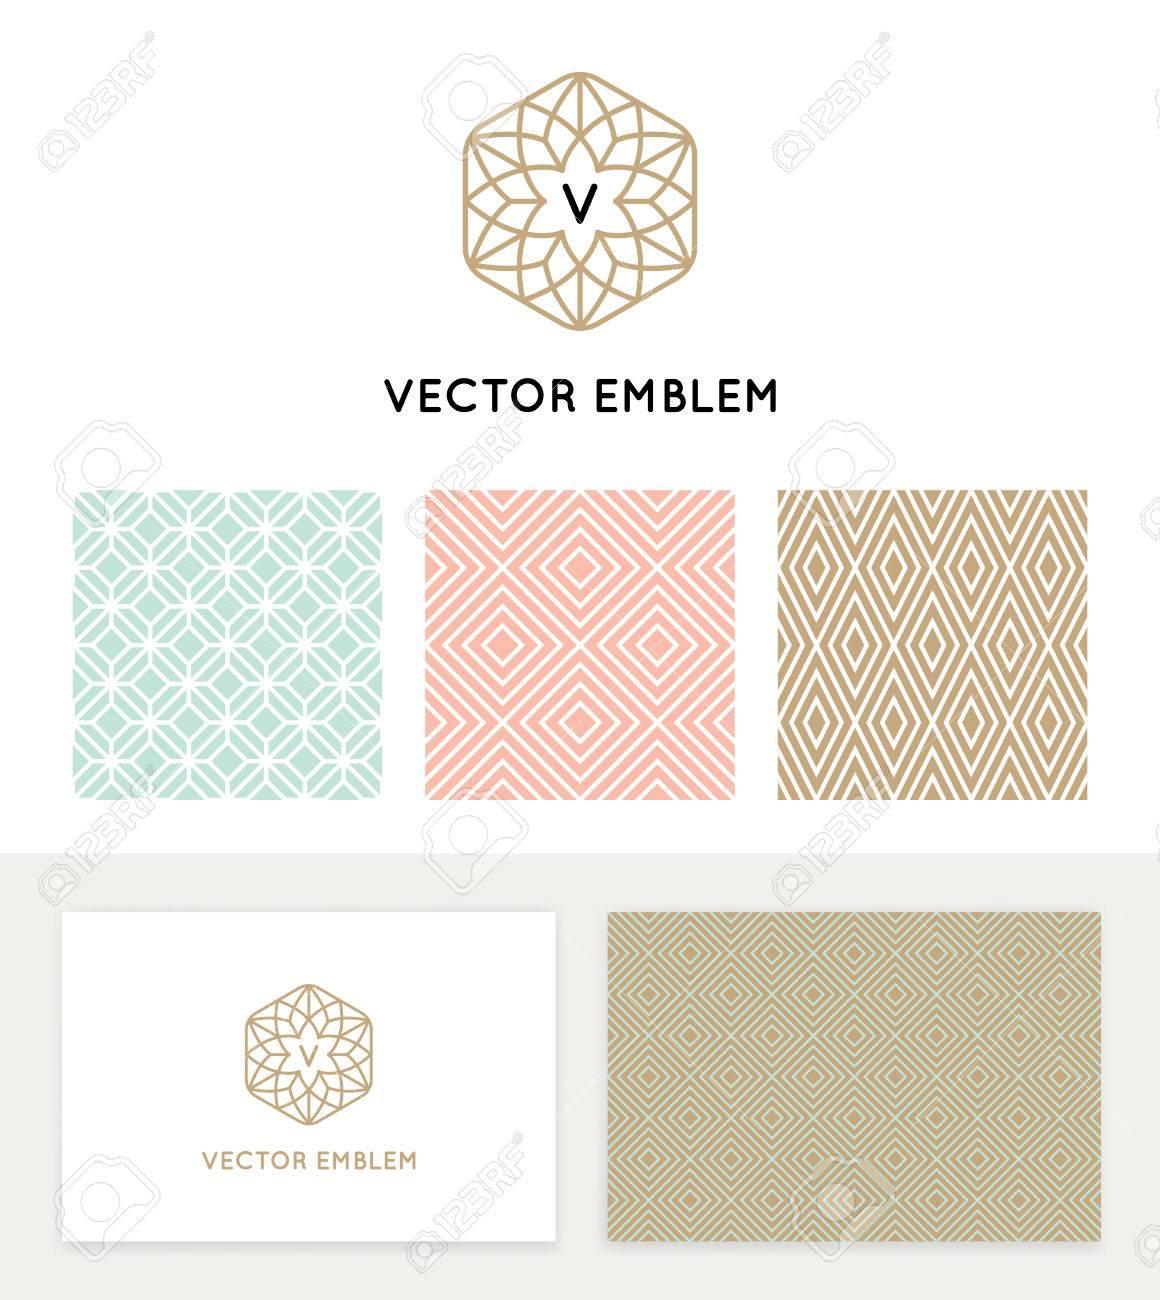 Vector Conjunto De Elementos De Diseño Gráfico, Plantillas De Diseño ...